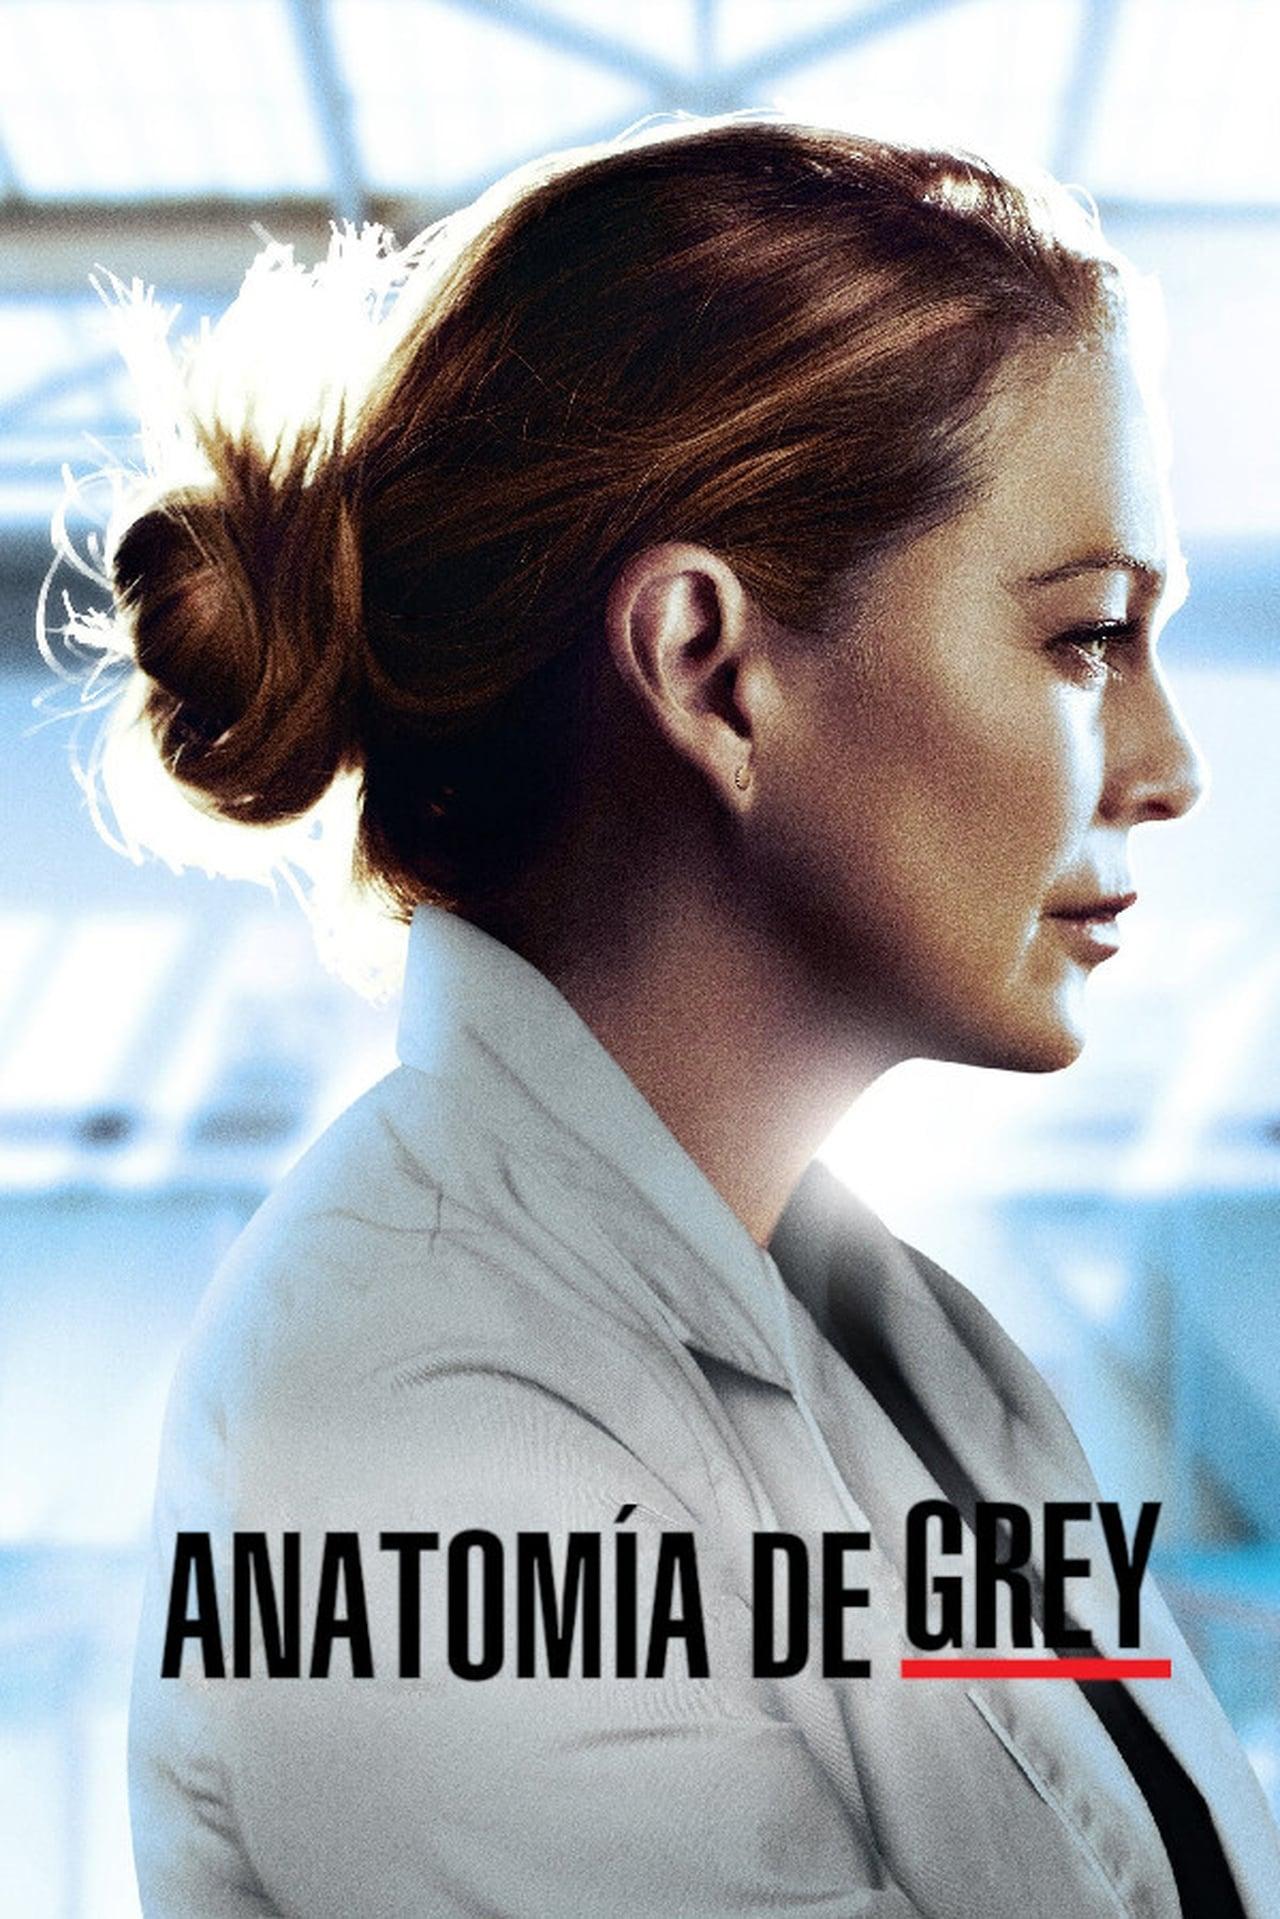 Anatomía de Grey - Season 1 Episode 7 : El botón de autodestrucción